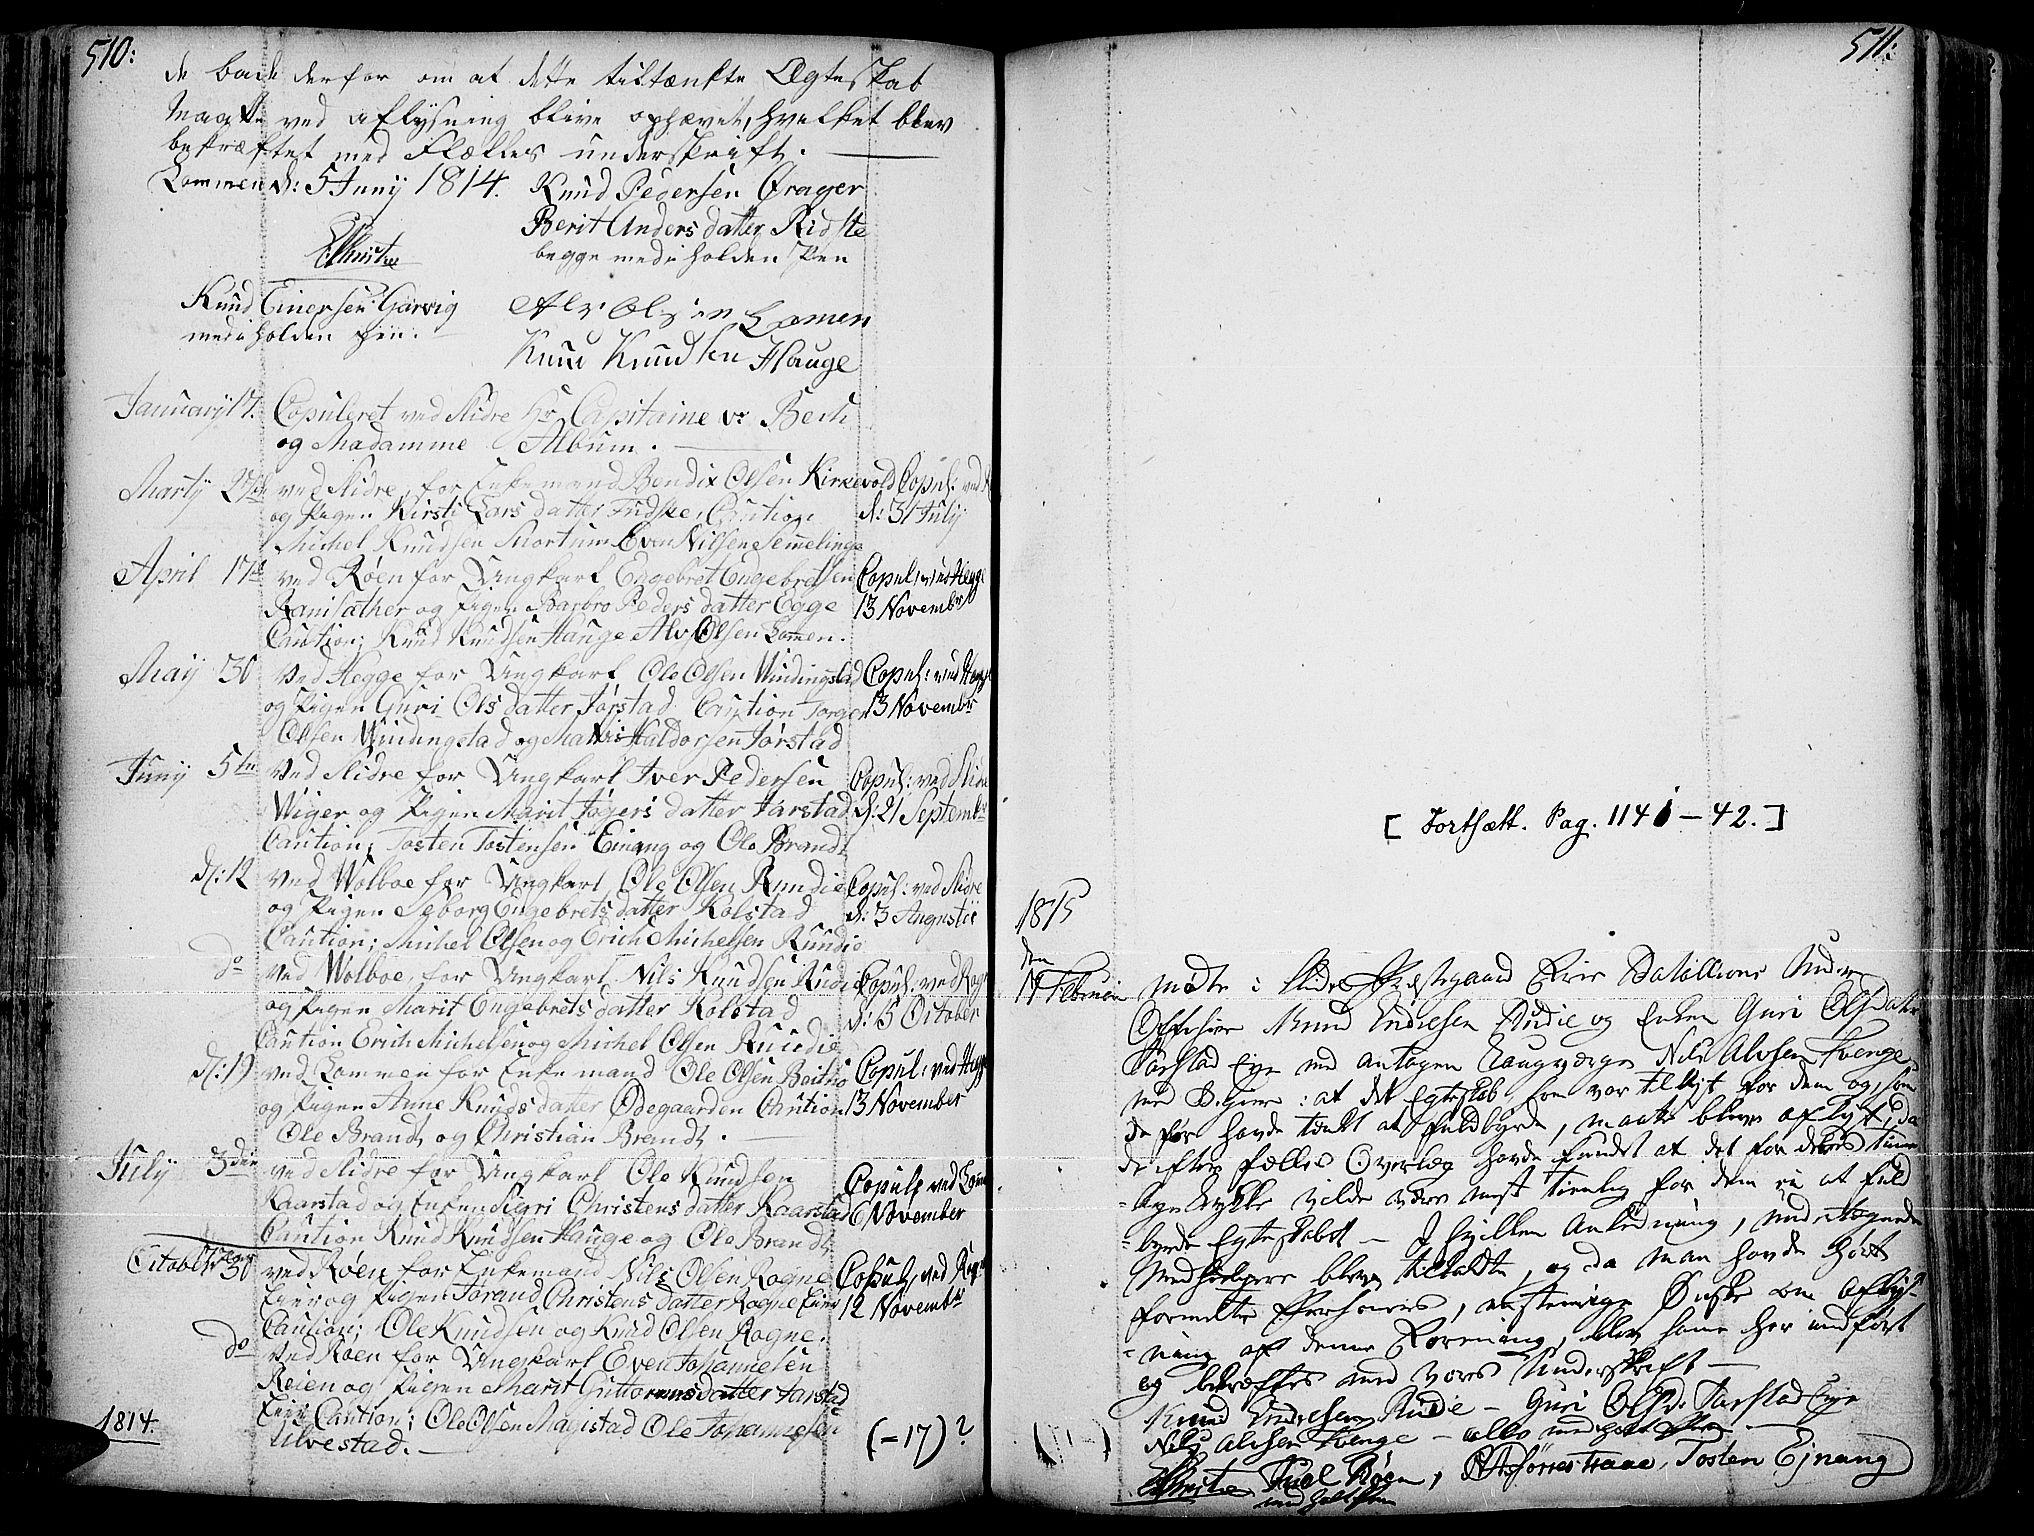 SAH, Slidre prestekontor, Ministerialbok nr. 1, 1724-1814, s. 510-511